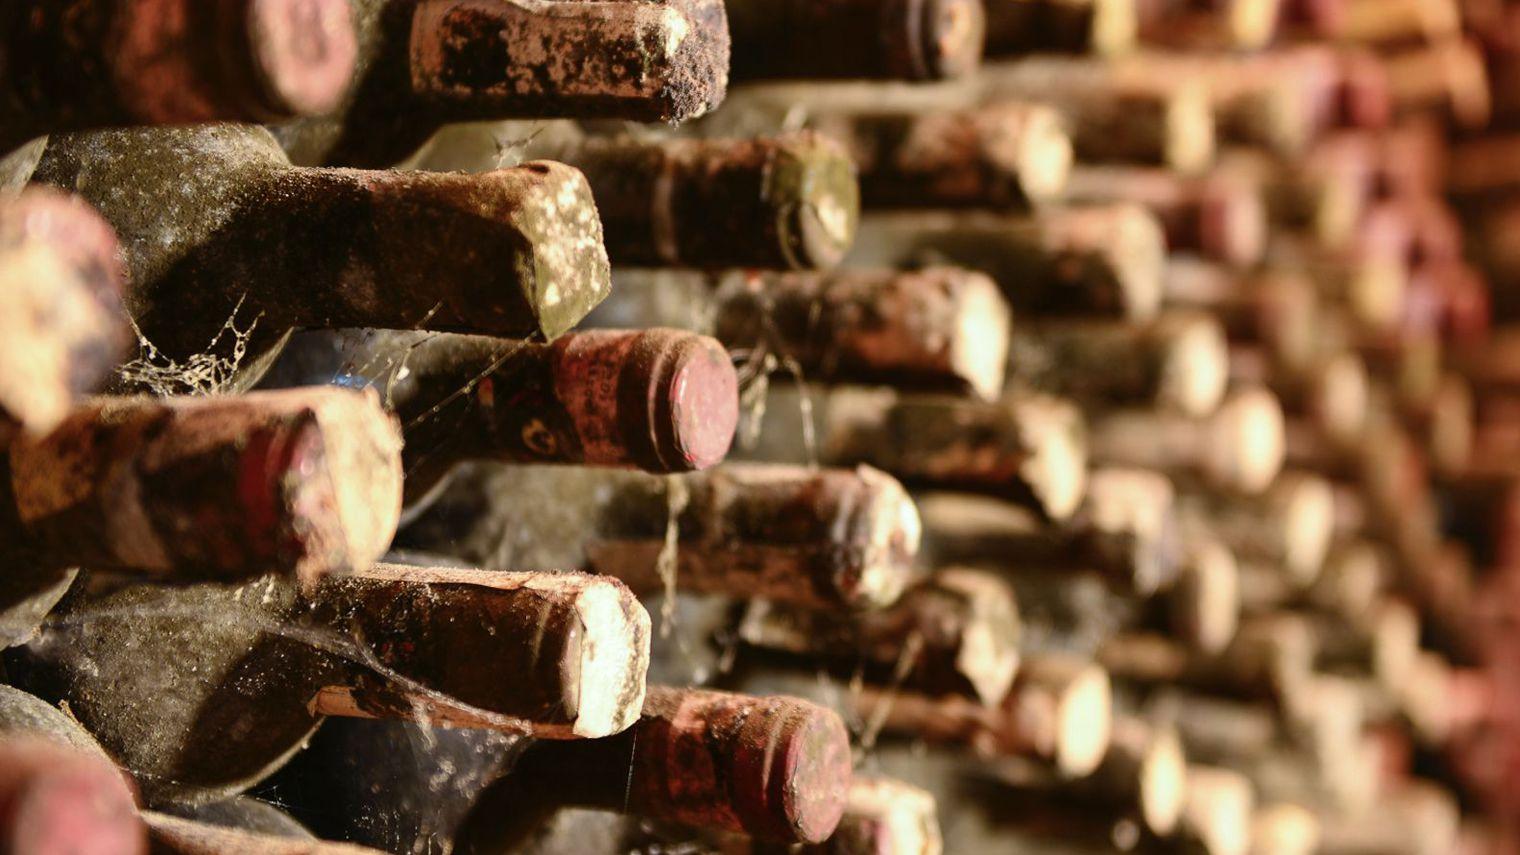 Achat vin : Ce que je peux vous dire sur l'achat online de bouteilles de vin, mon expérience personnelle